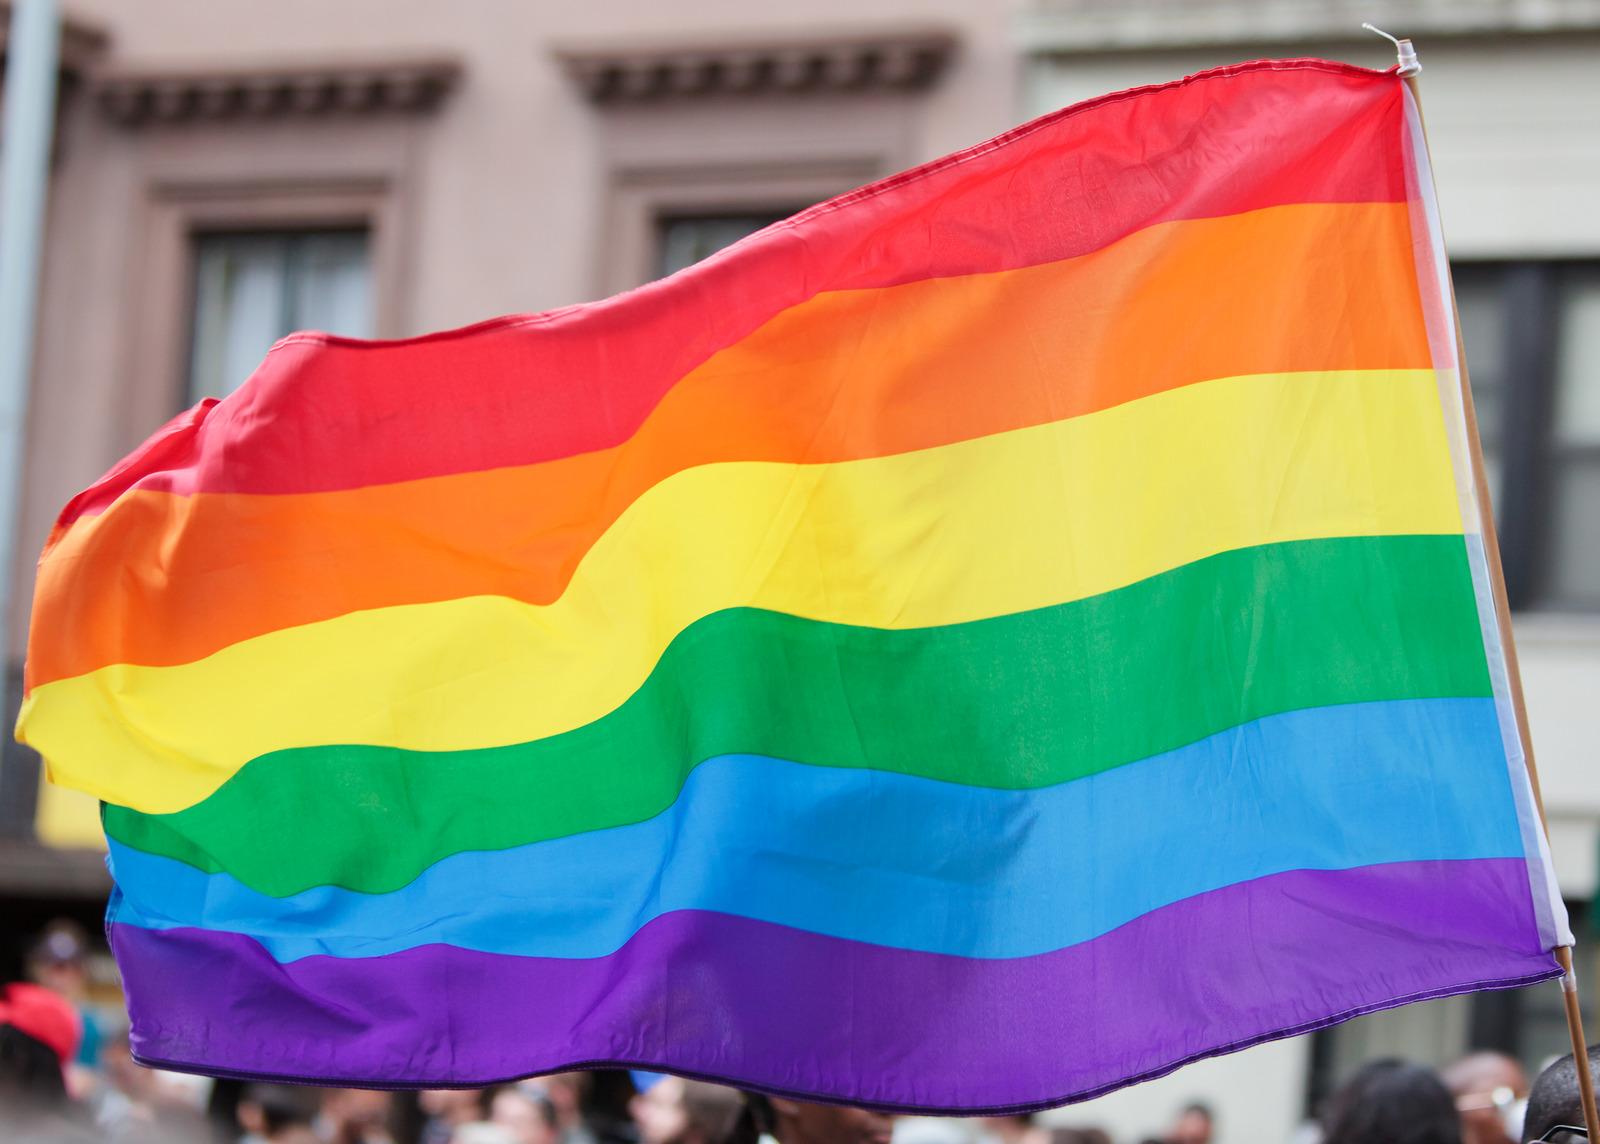 L'Ajuntament promou la igualtat amb un programa d'activitats pel Dia de l'Orgull LGTBI